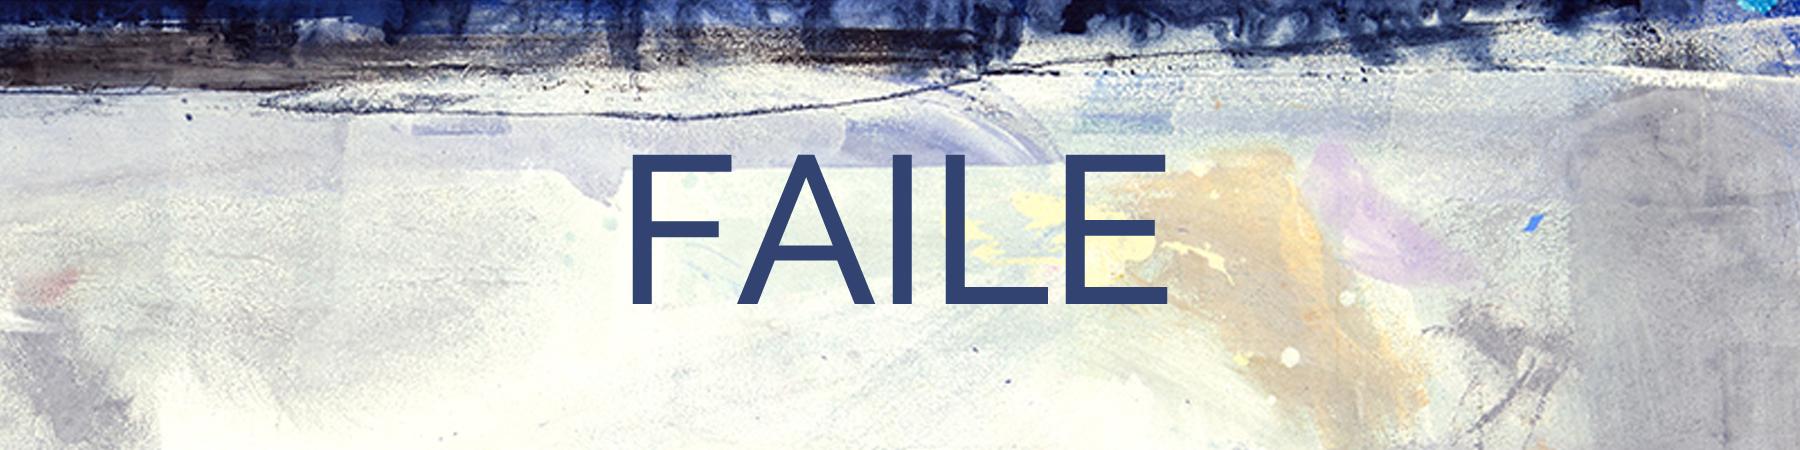 FAILE PRINTS